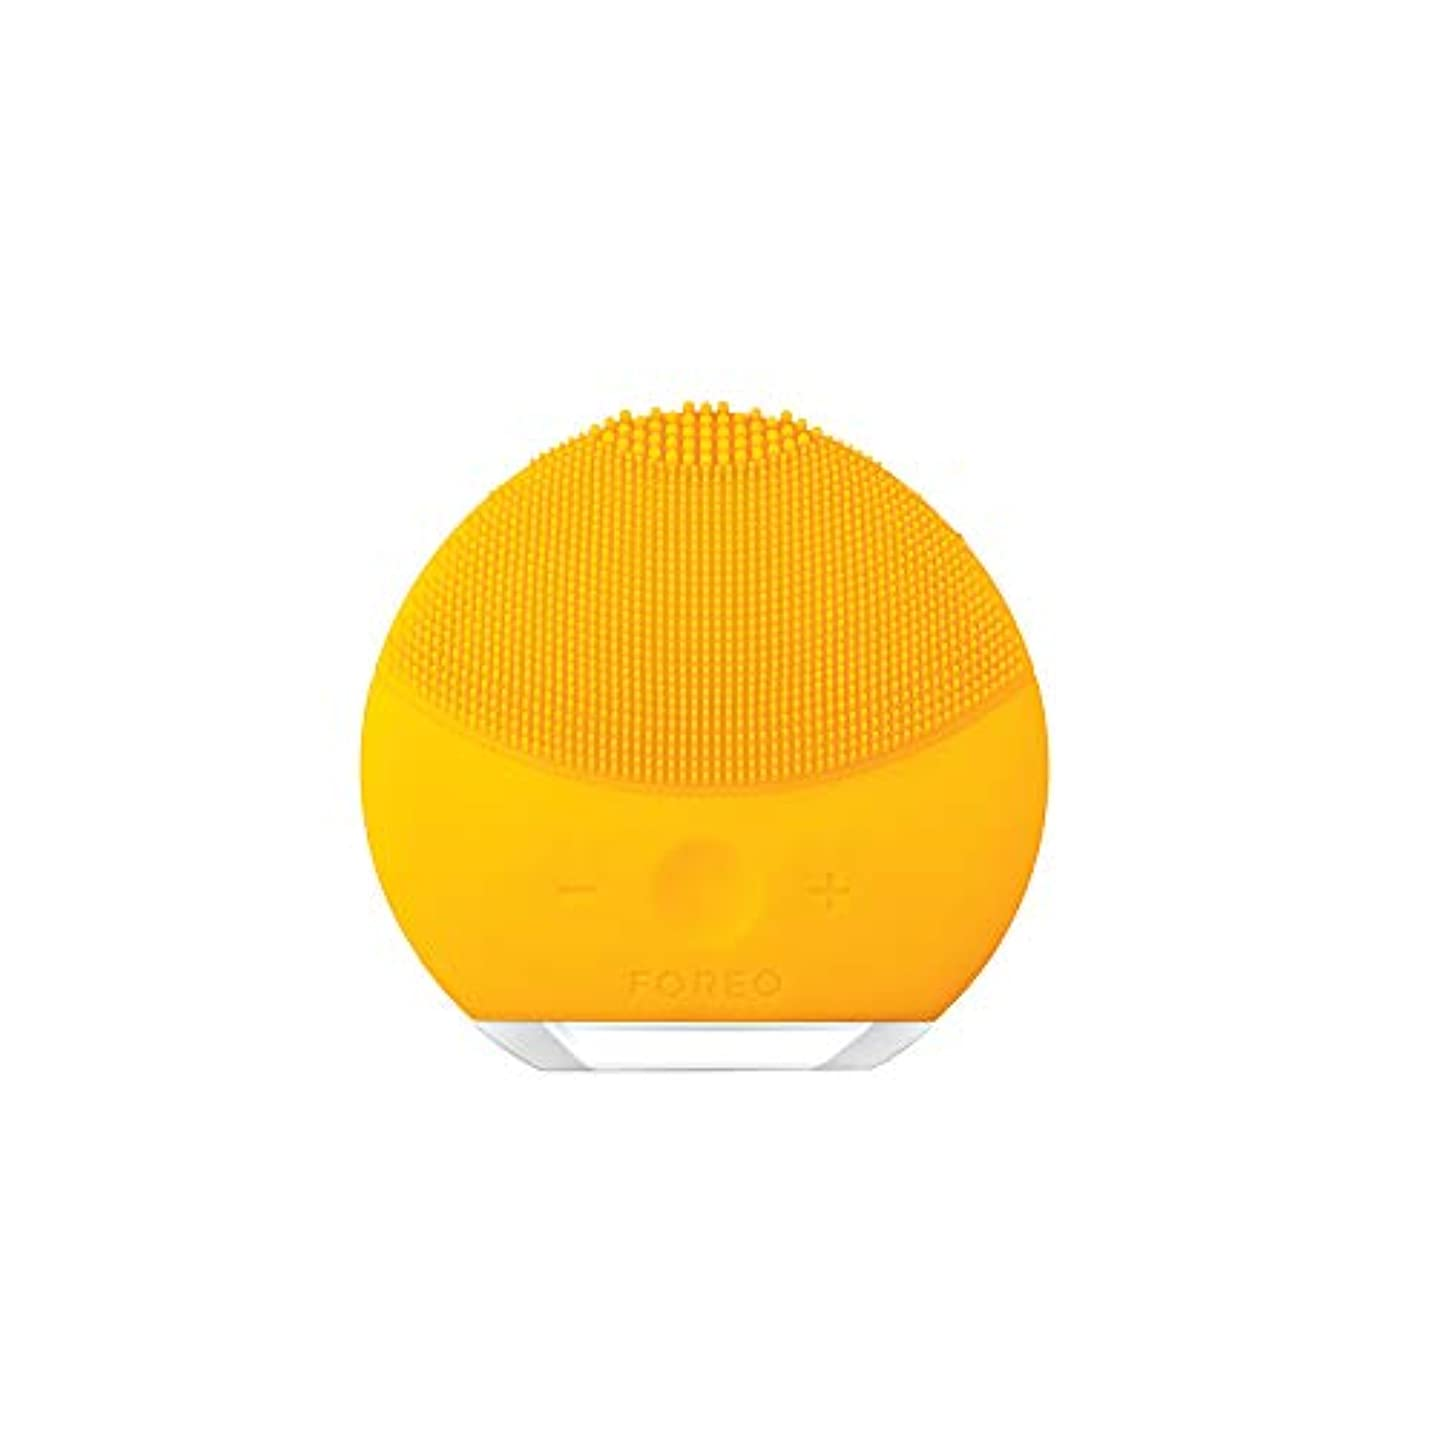 郵便局寄生虫感染するFOREO LUNA mini 2 サンフラワーイエロー 電動洗顔ブラシ シリコーン製 音波振動